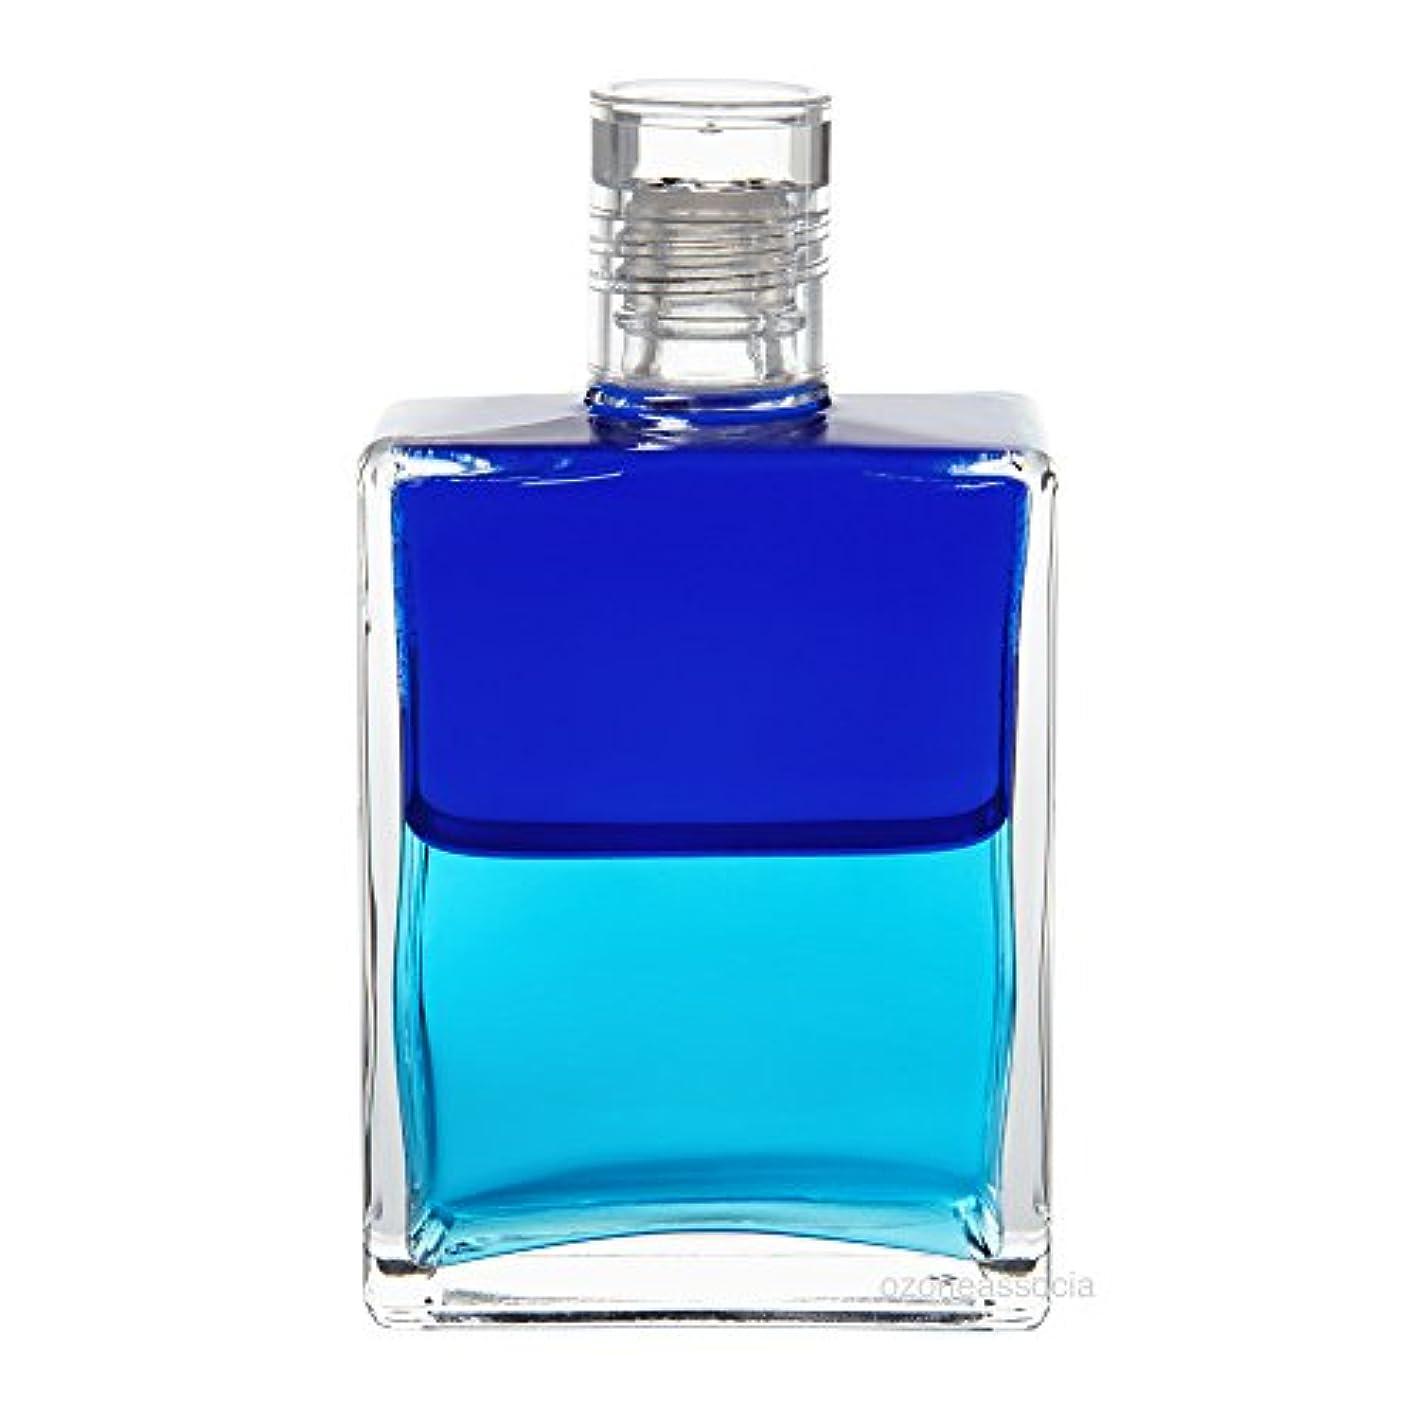 浸食くしゃくしゃブームオーラソーマ ボトル 33番  ドルフィンボトル/目的をもった平和 (ロイヤルブルー/ターコイズ) イクイリブリアムボトル50ml Aurasoma